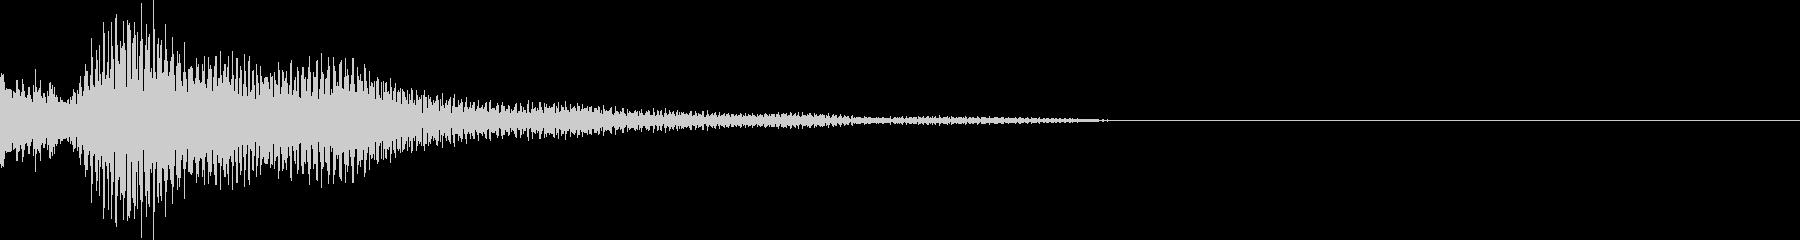 電子音 8の未再生の波形